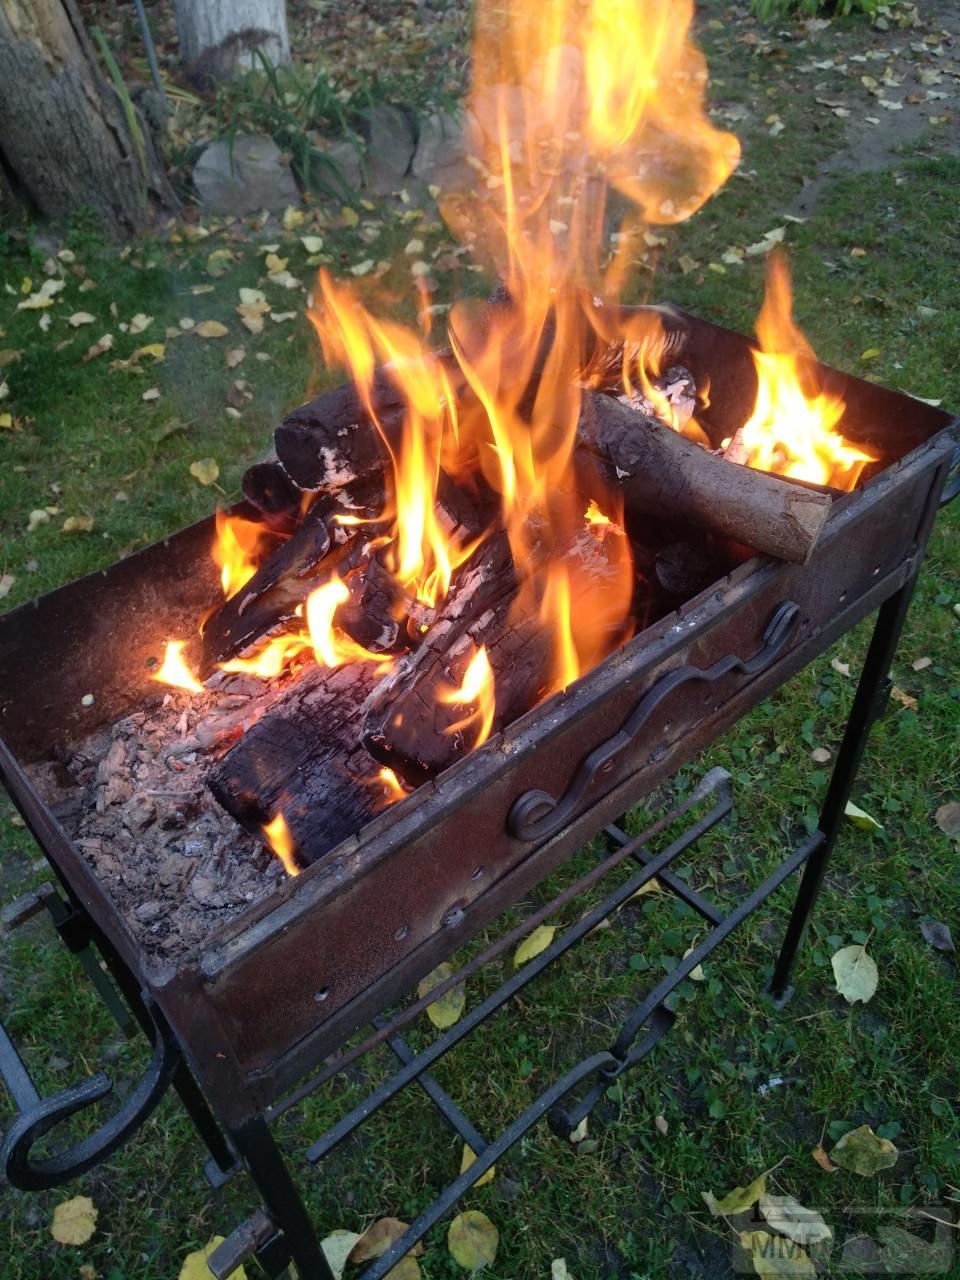 77723 - Закуски на огне (мангал, барбекю и т.д.) и кулинария вообще. Советы и рецепты.